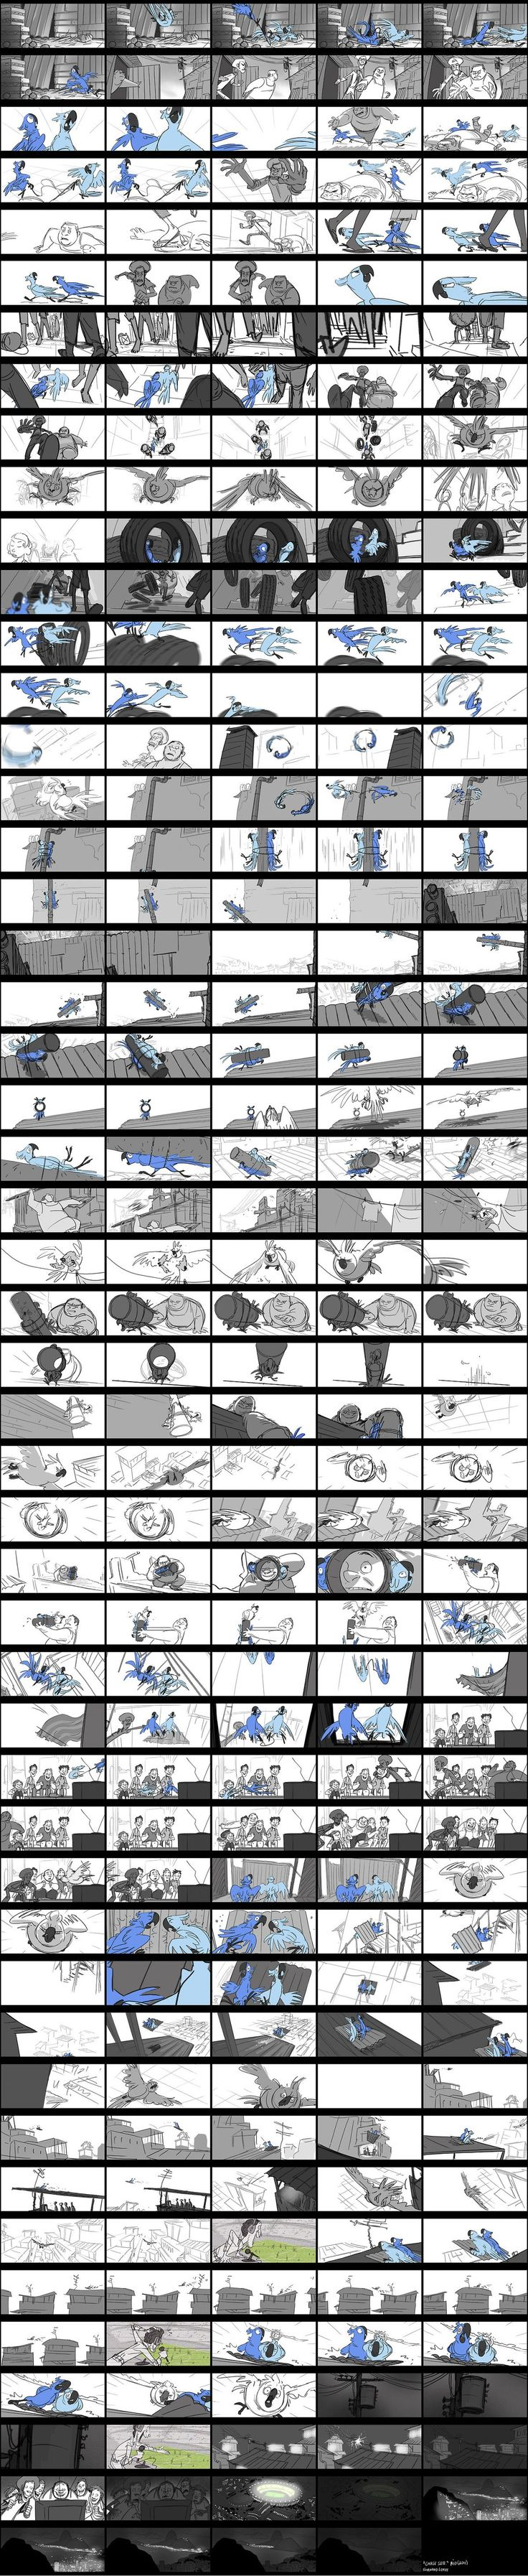 3f5c351148bf323dc5424dcaf826bb75.jpg 1,200×5,850 pixels